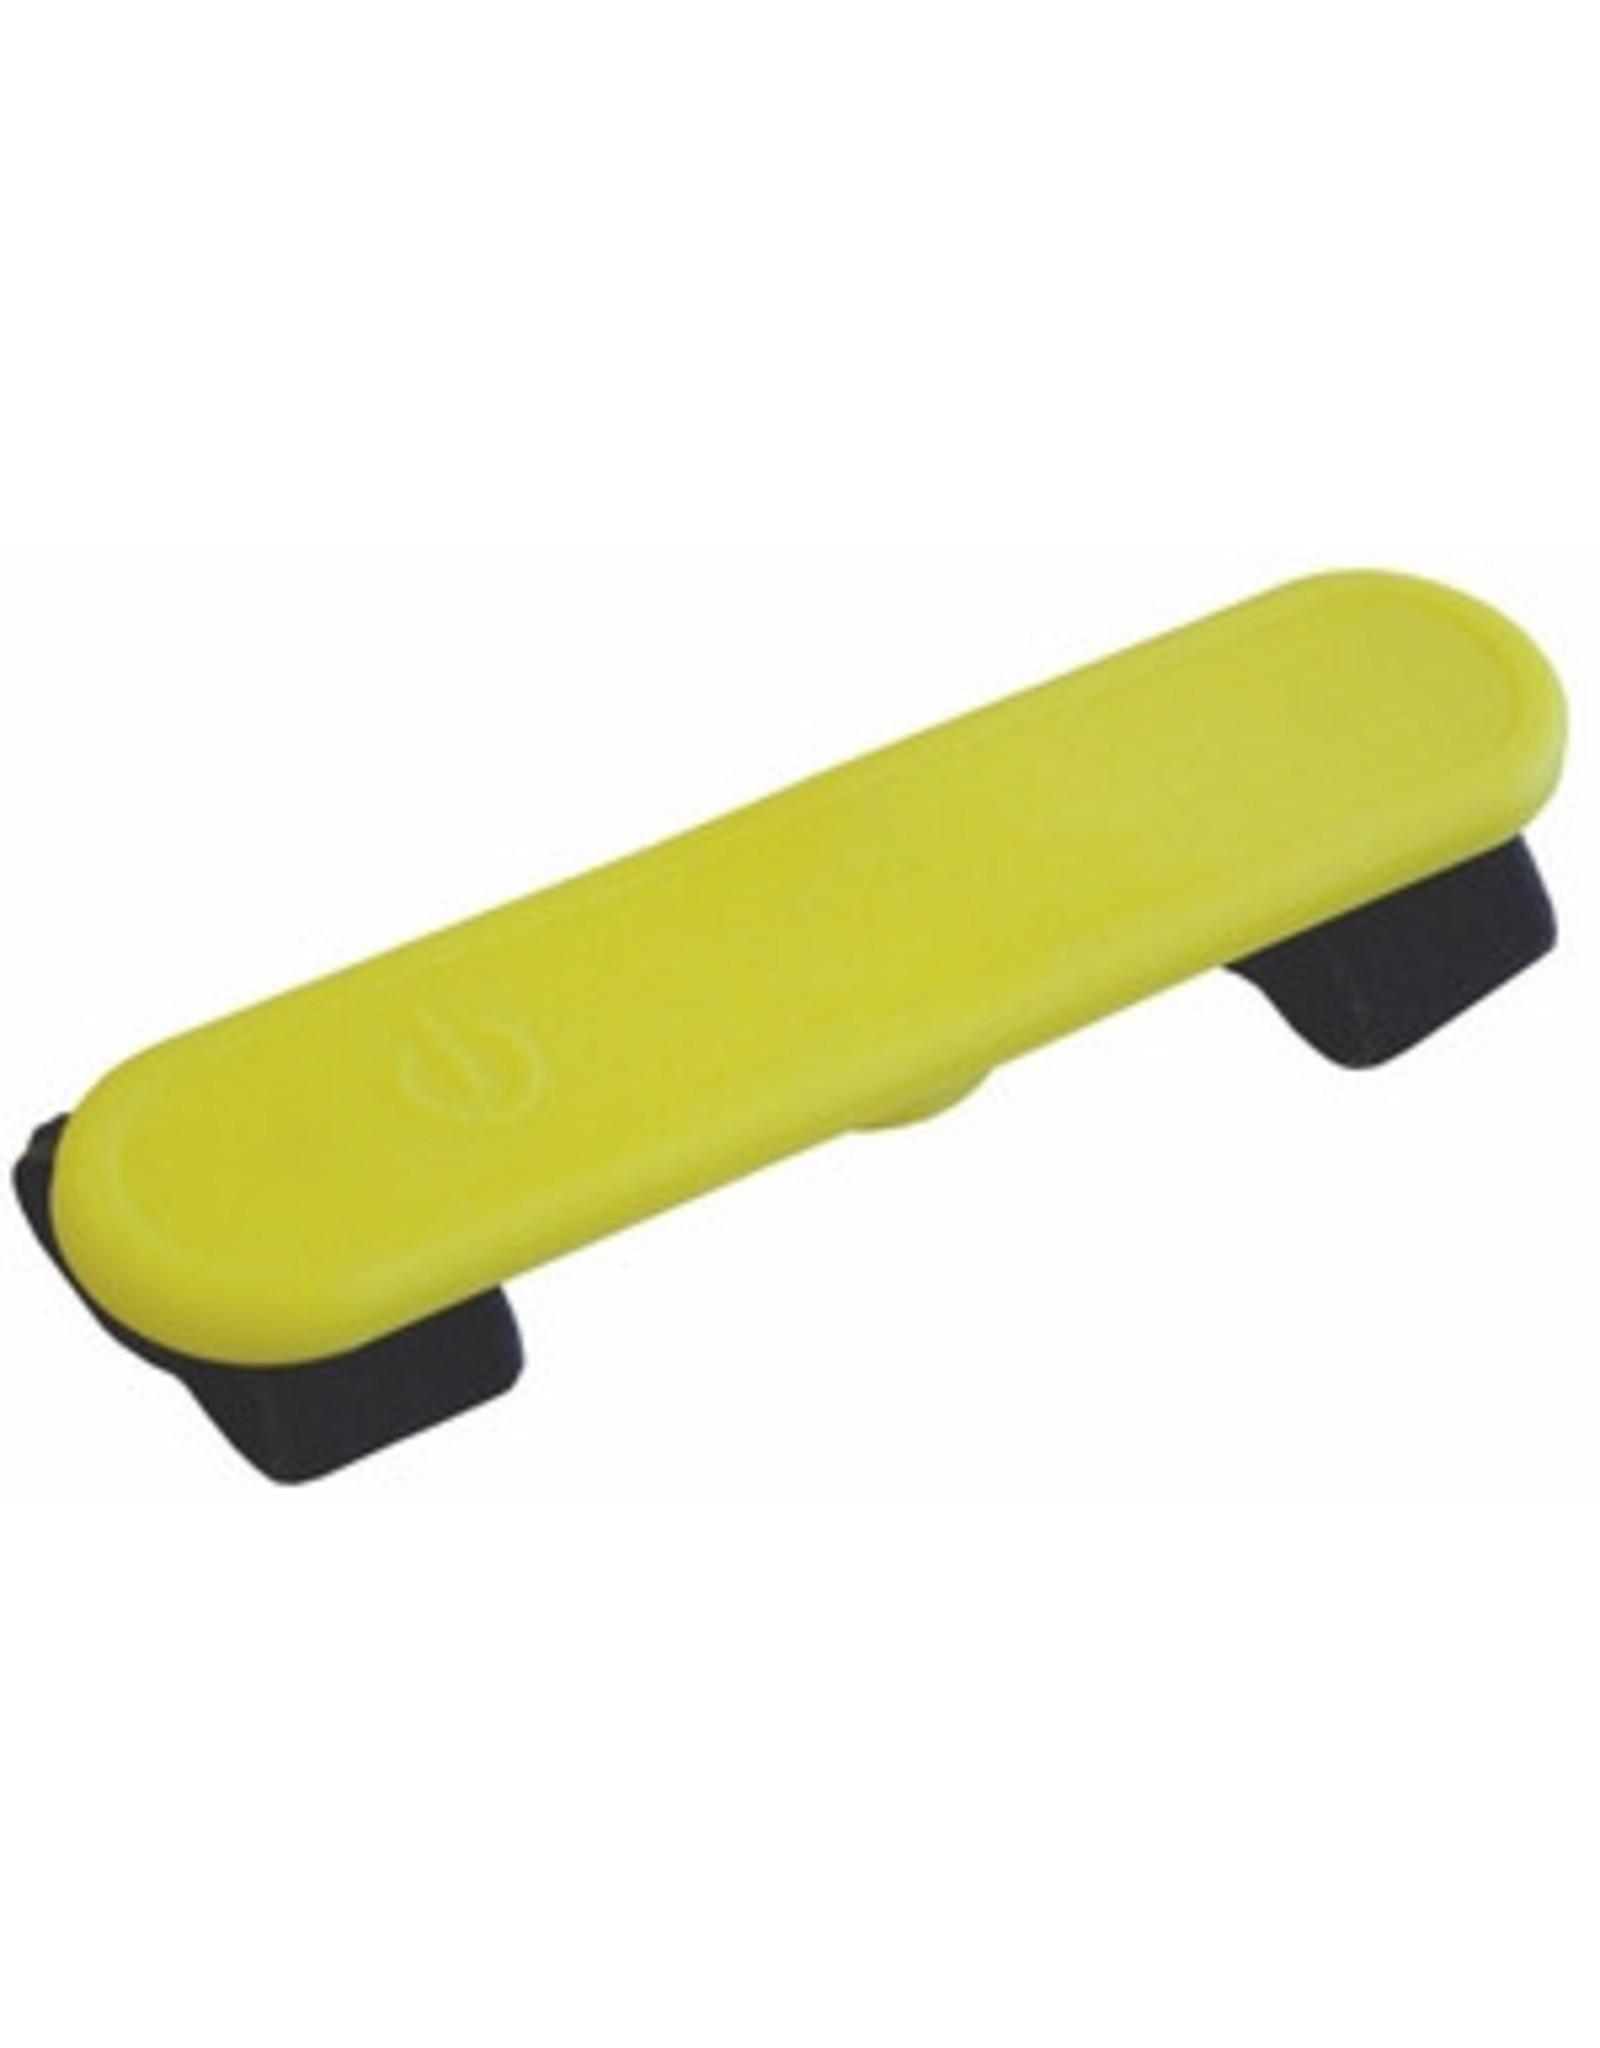 Colly LED-Silikon Klettsticker velcro, gelb